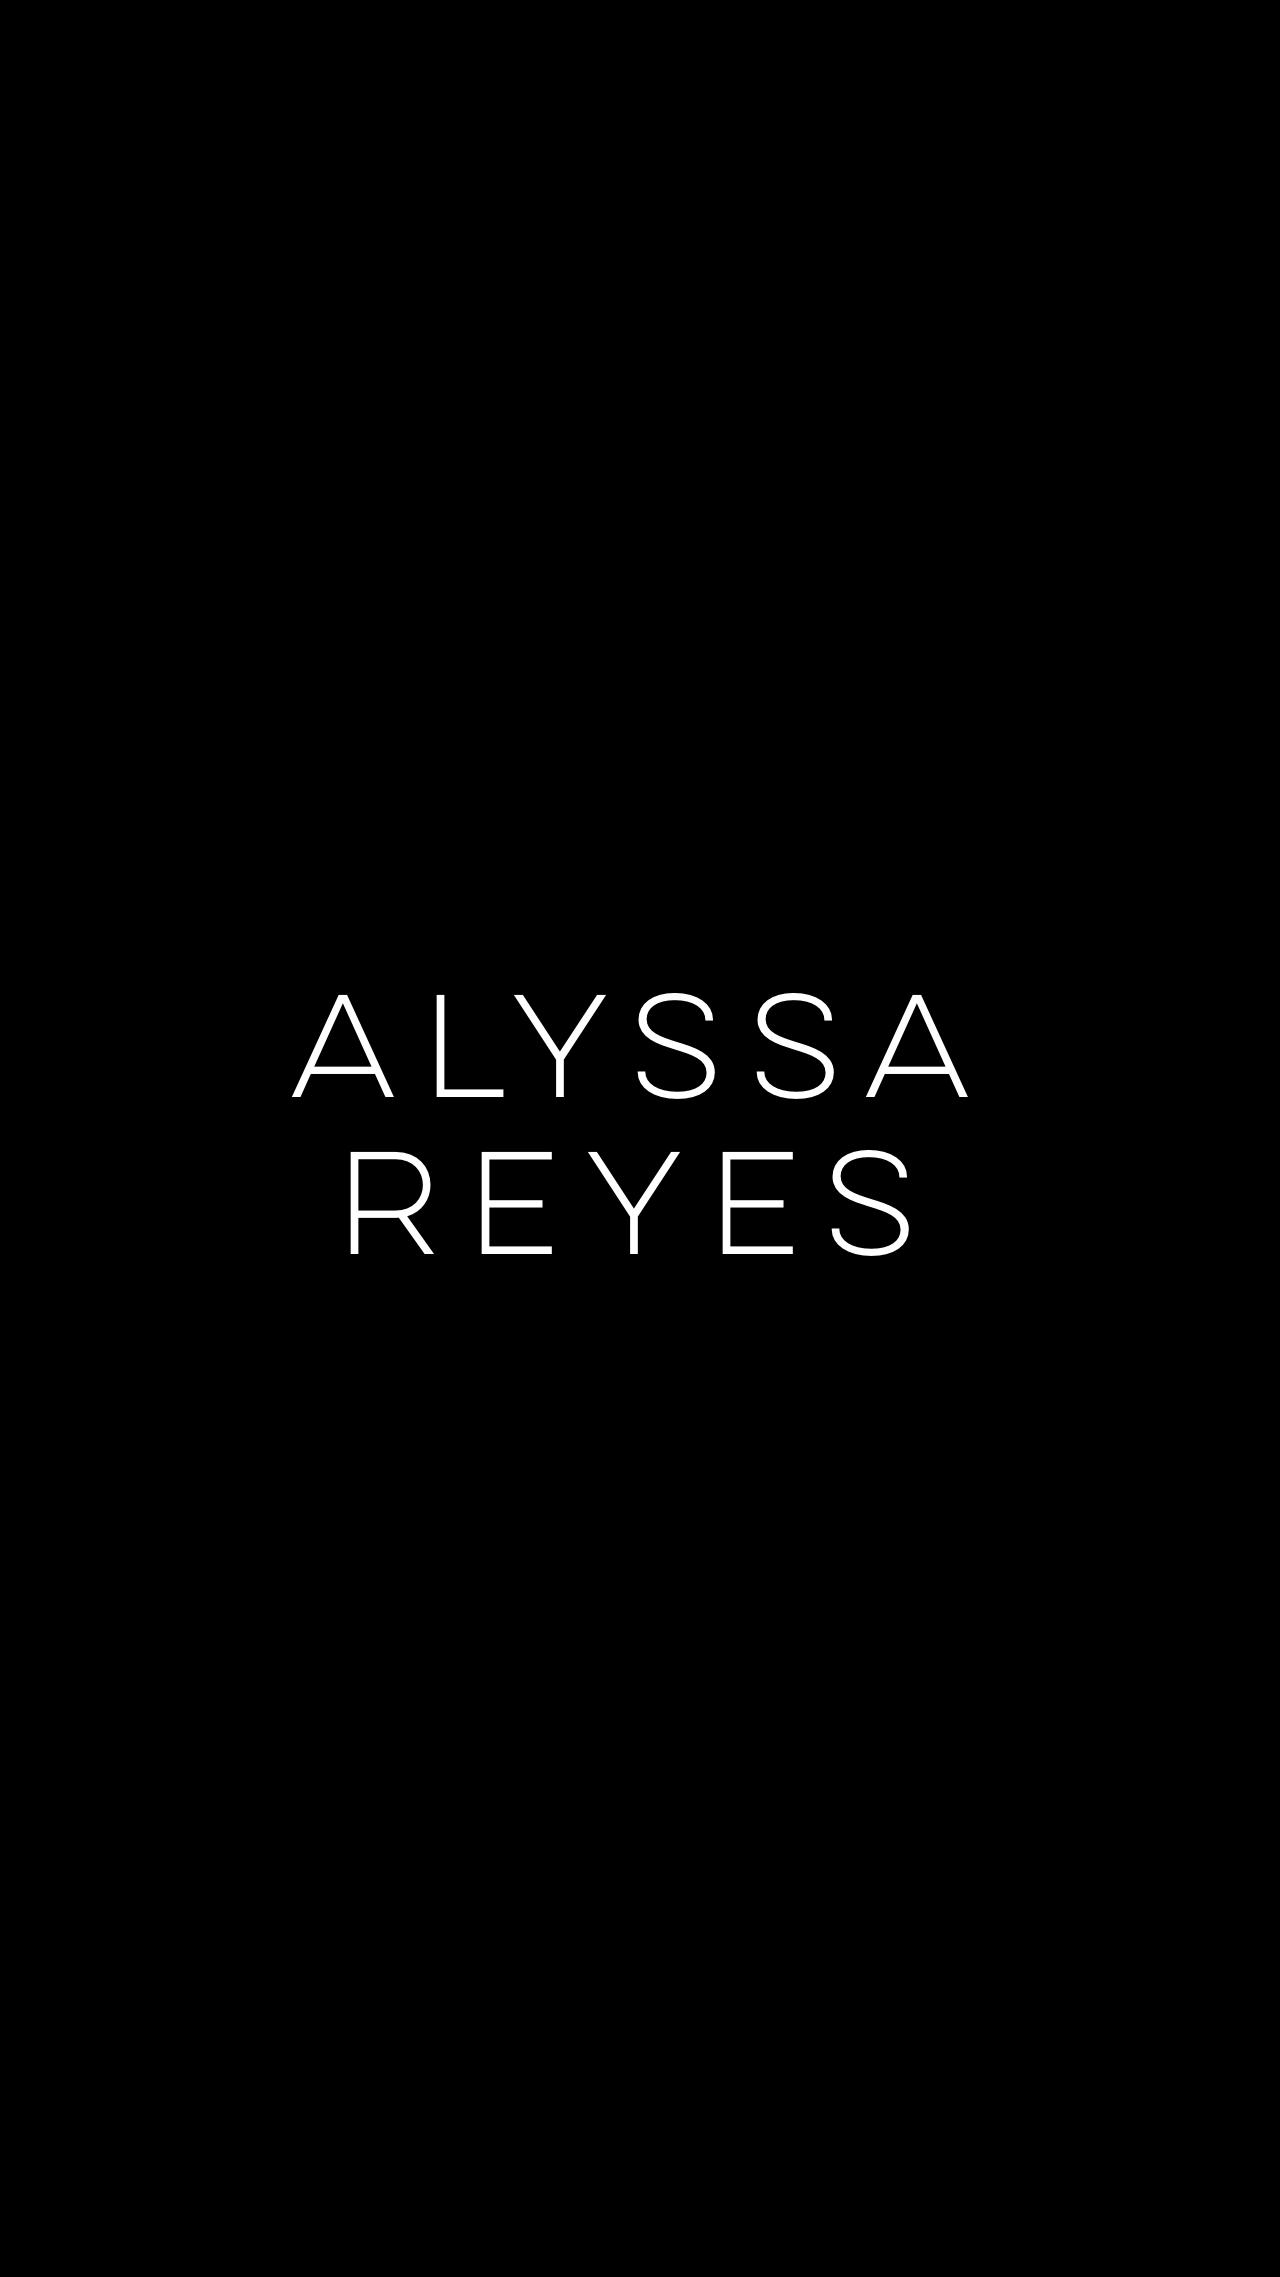 ALYSSA REYES.jpg